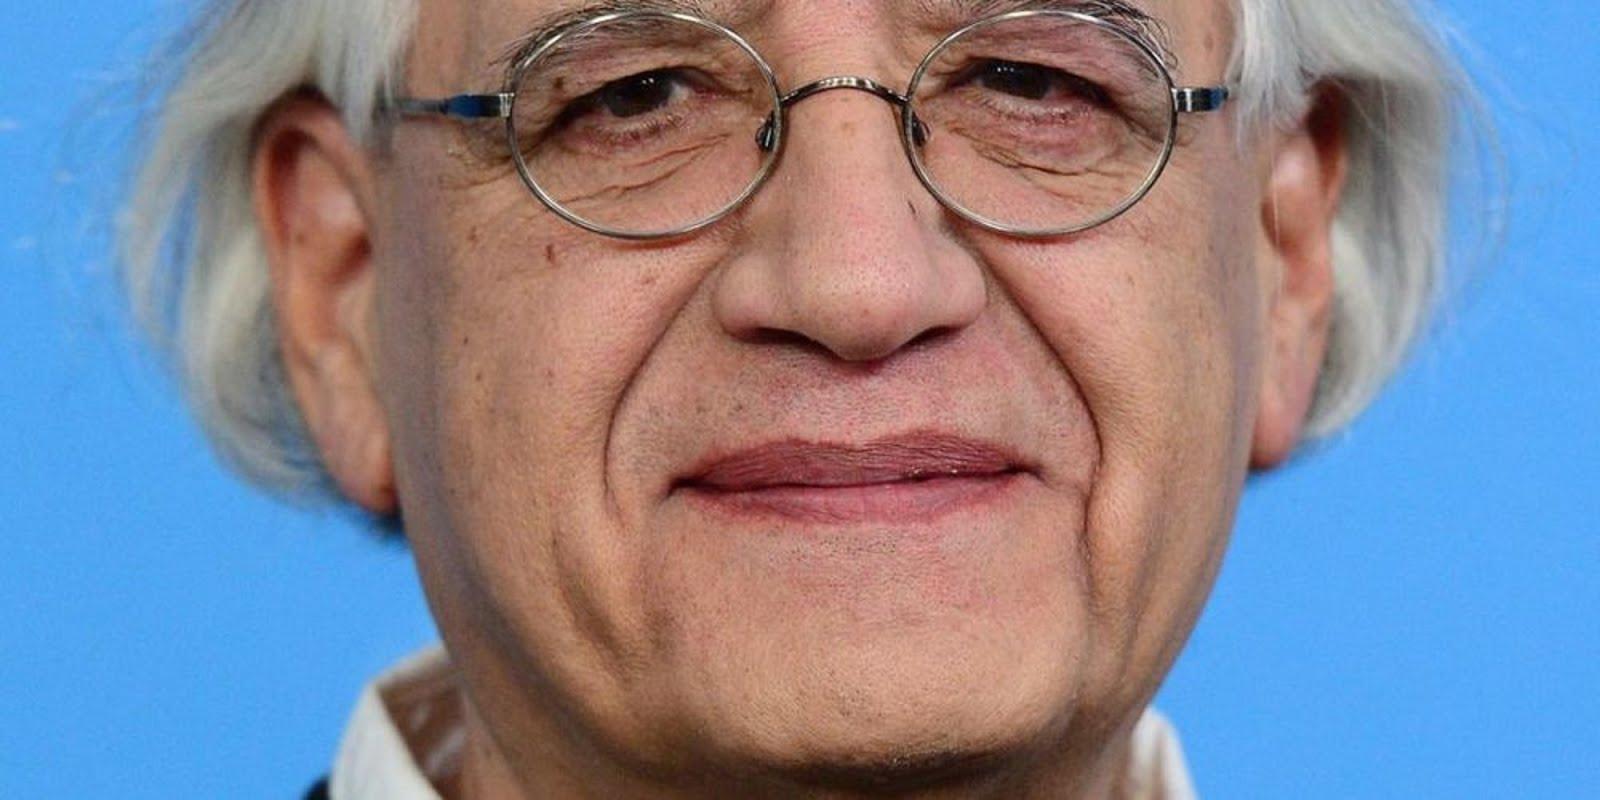 L'UNIVERSITÉ  DE BORDEAUX DÉCERNE LE TITRE DE DOCTEUR HONORIS CAUSA